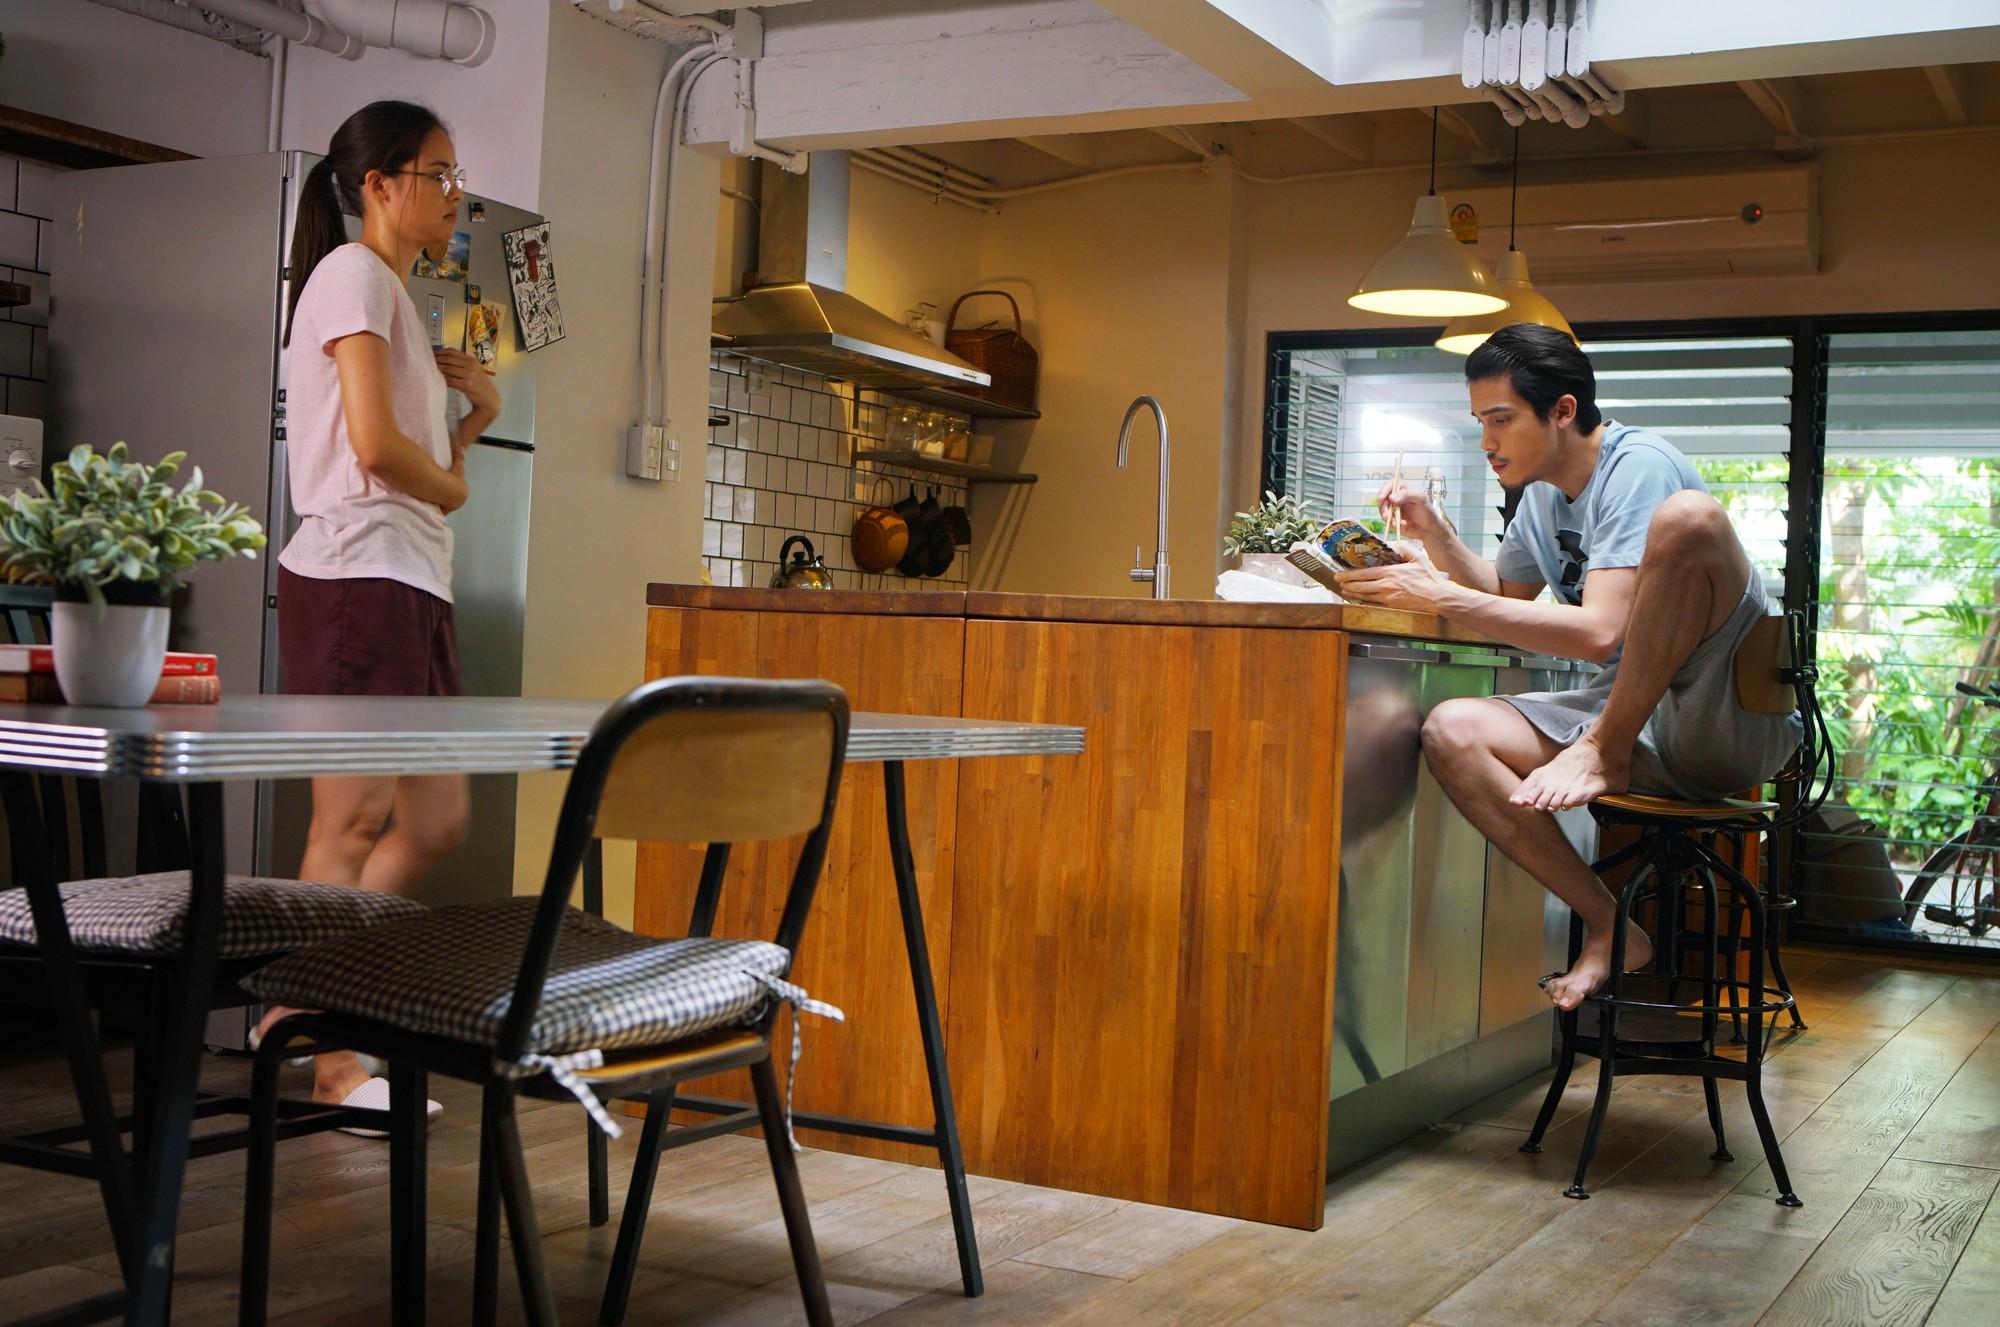 Ông Anh Trời Đánh và cú lừa mặn chát của điện ảnh Thái Lan - Ảnh 5.